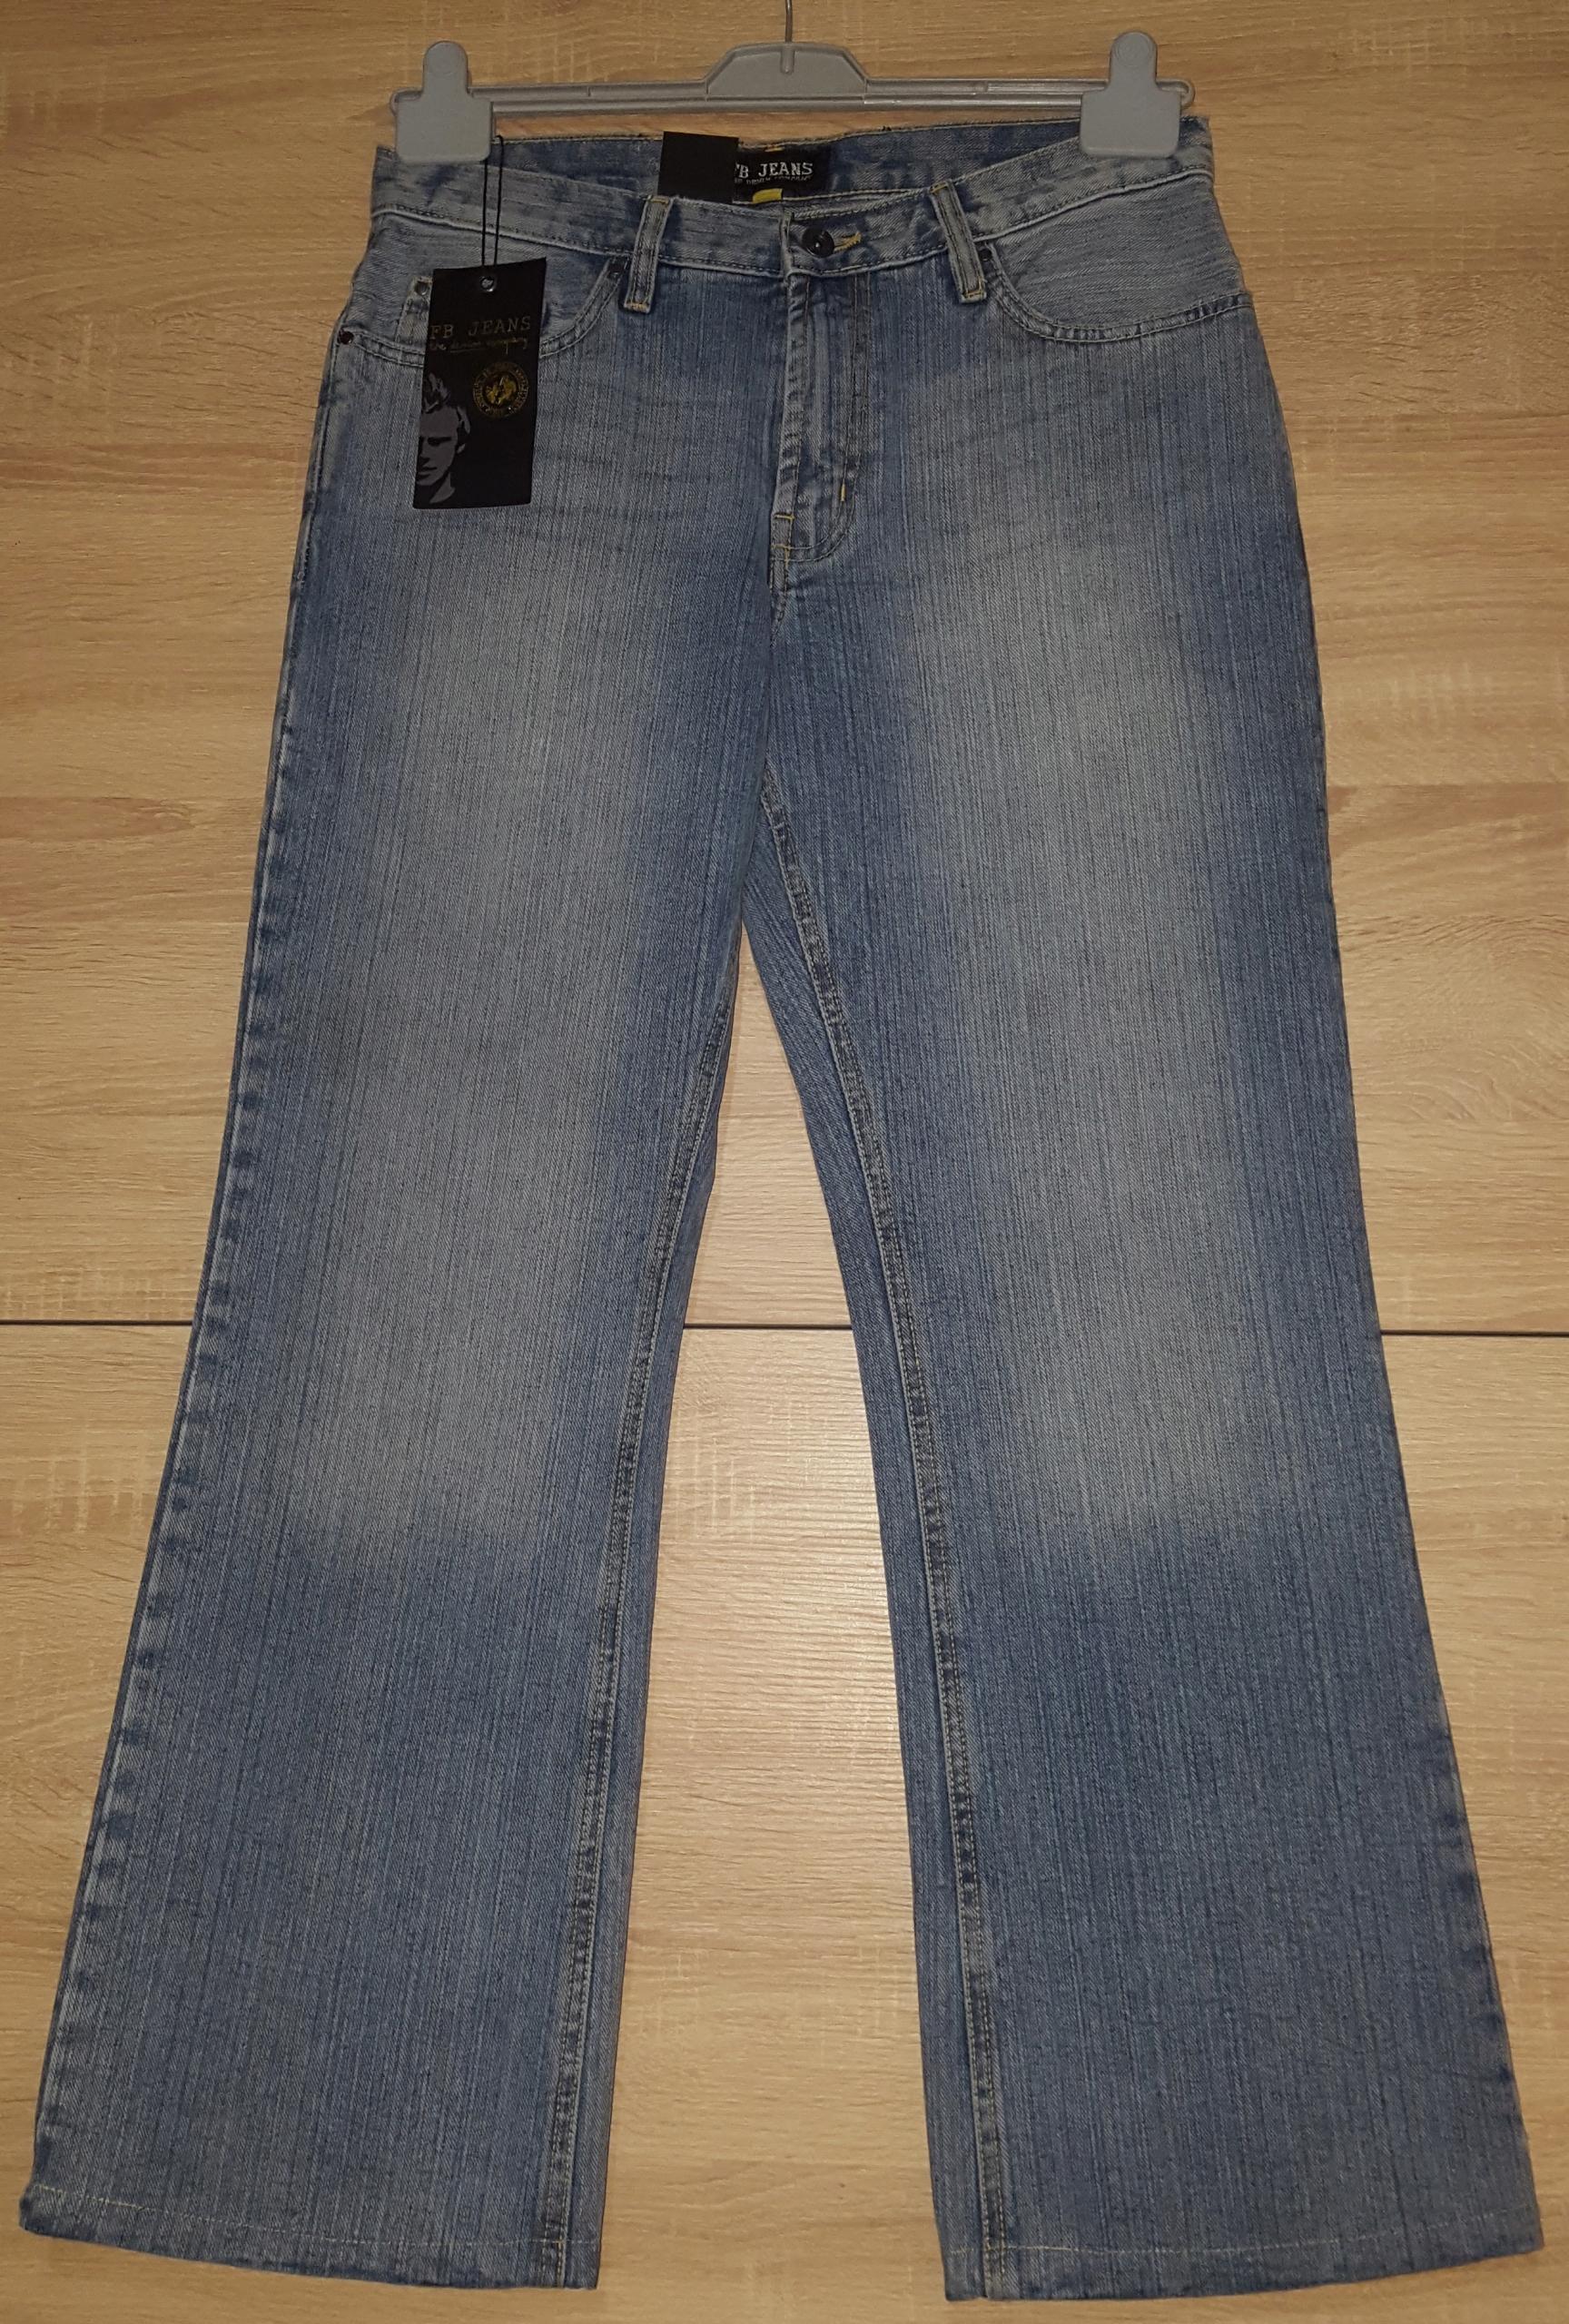 Spodnie męskie nowe FB rozmiar 32/30.